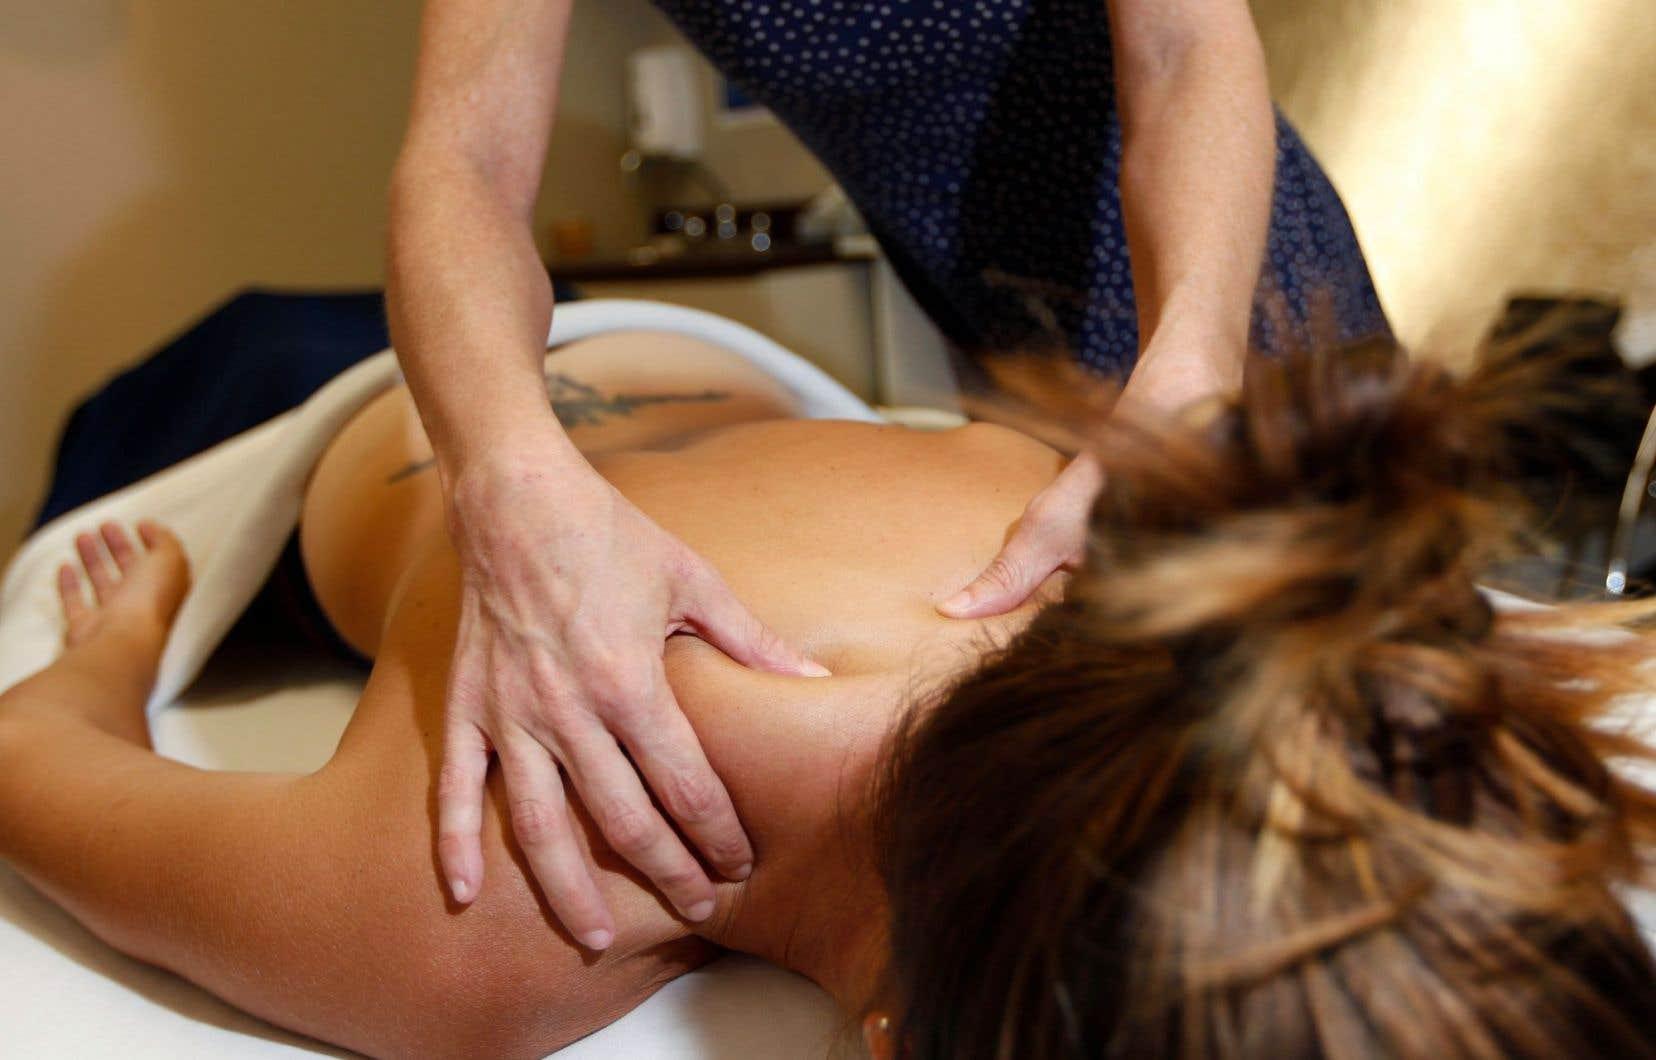 salons de massage rien n a chang depuis la nouvelle loi. Black Bedroom Furniture Sets. Home Design Ideas